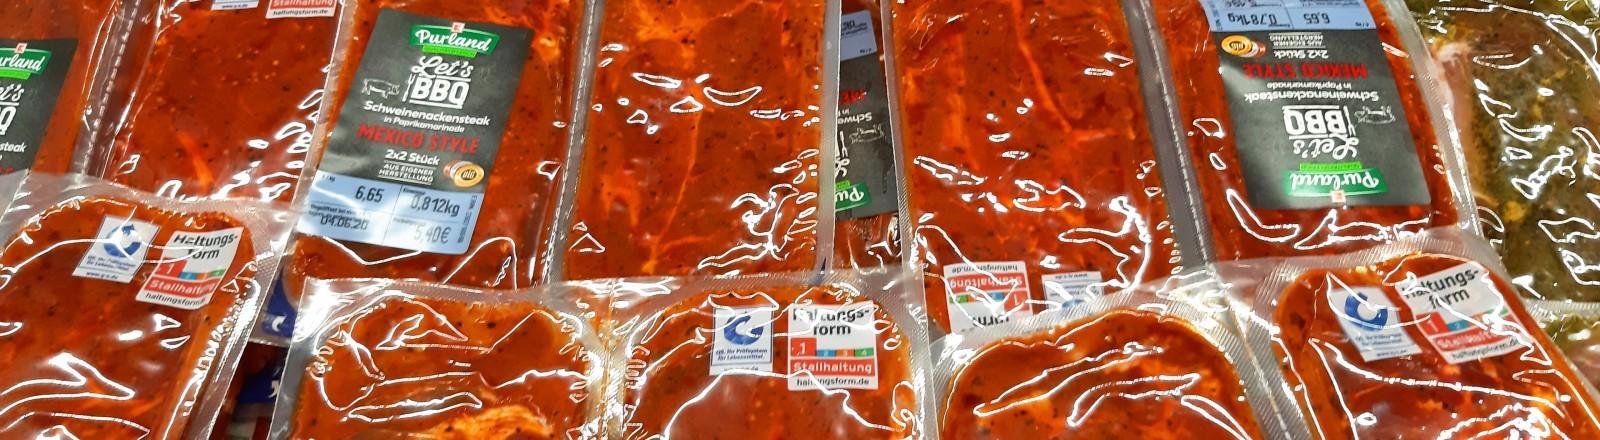 Grillfleisch abgepackt im Supermarkt